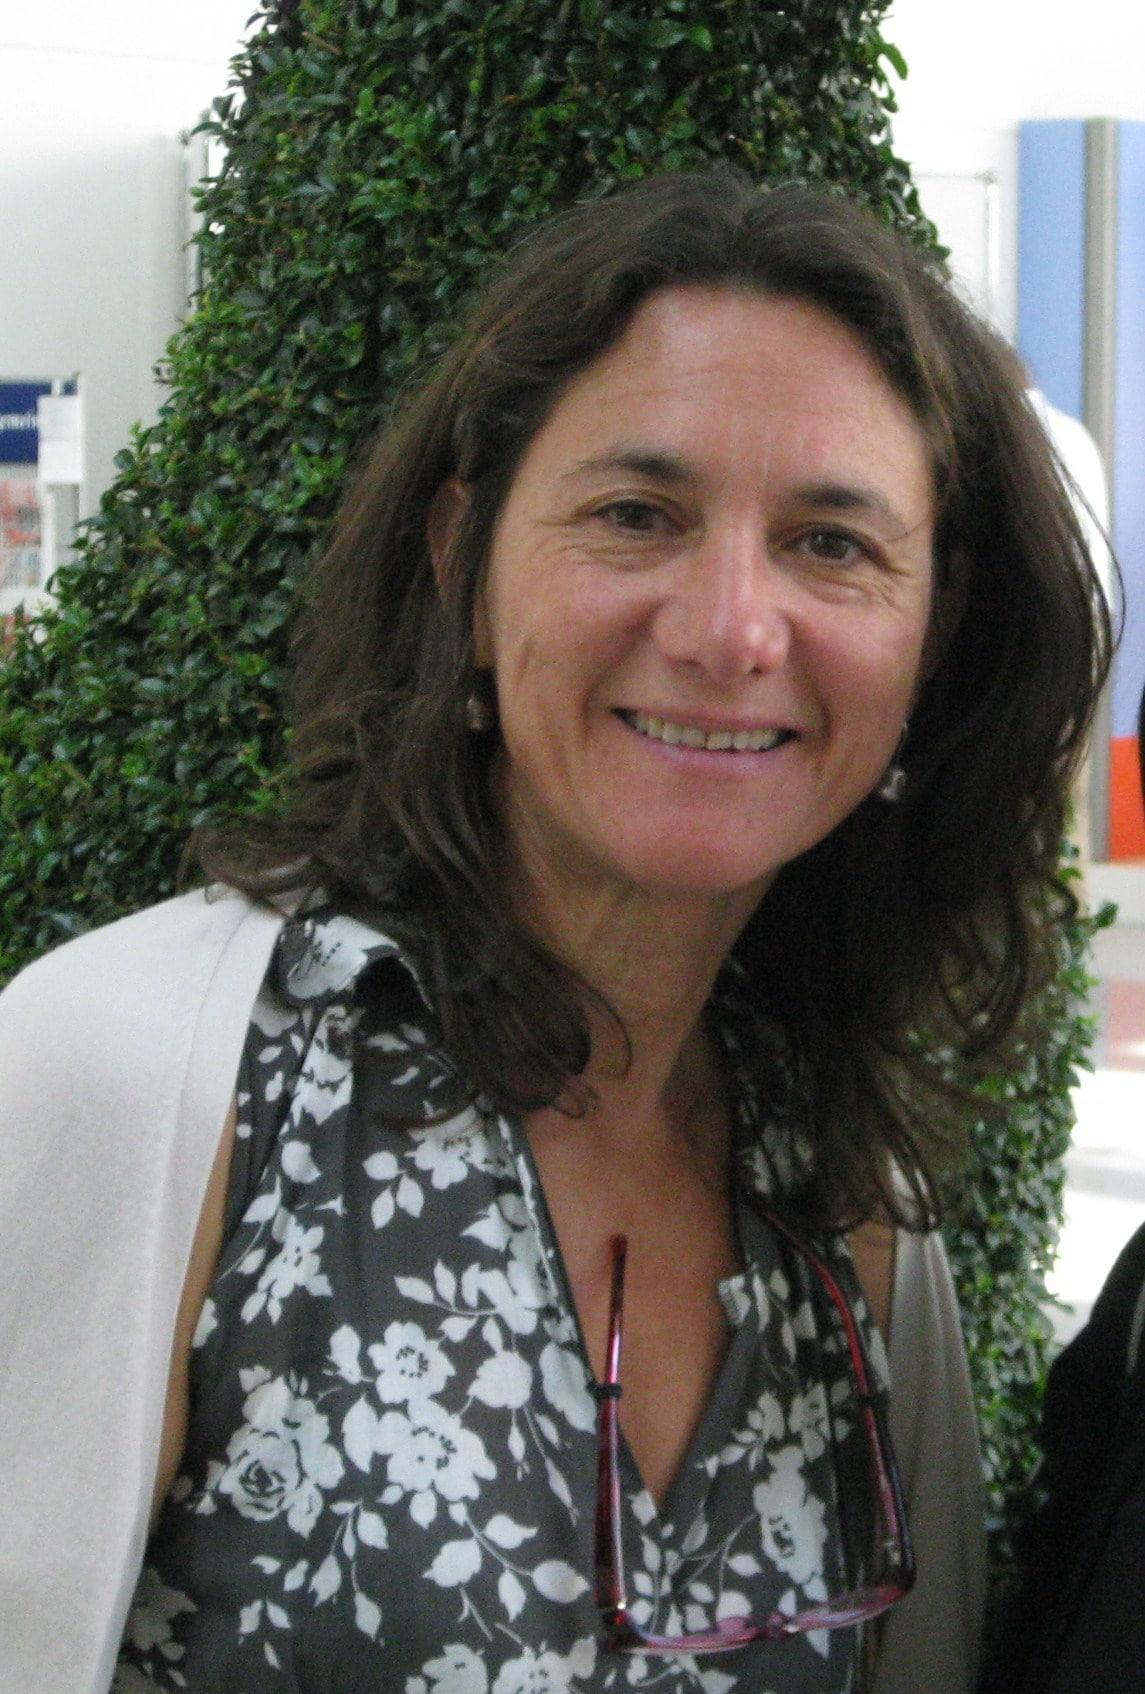 Martine from Villefort